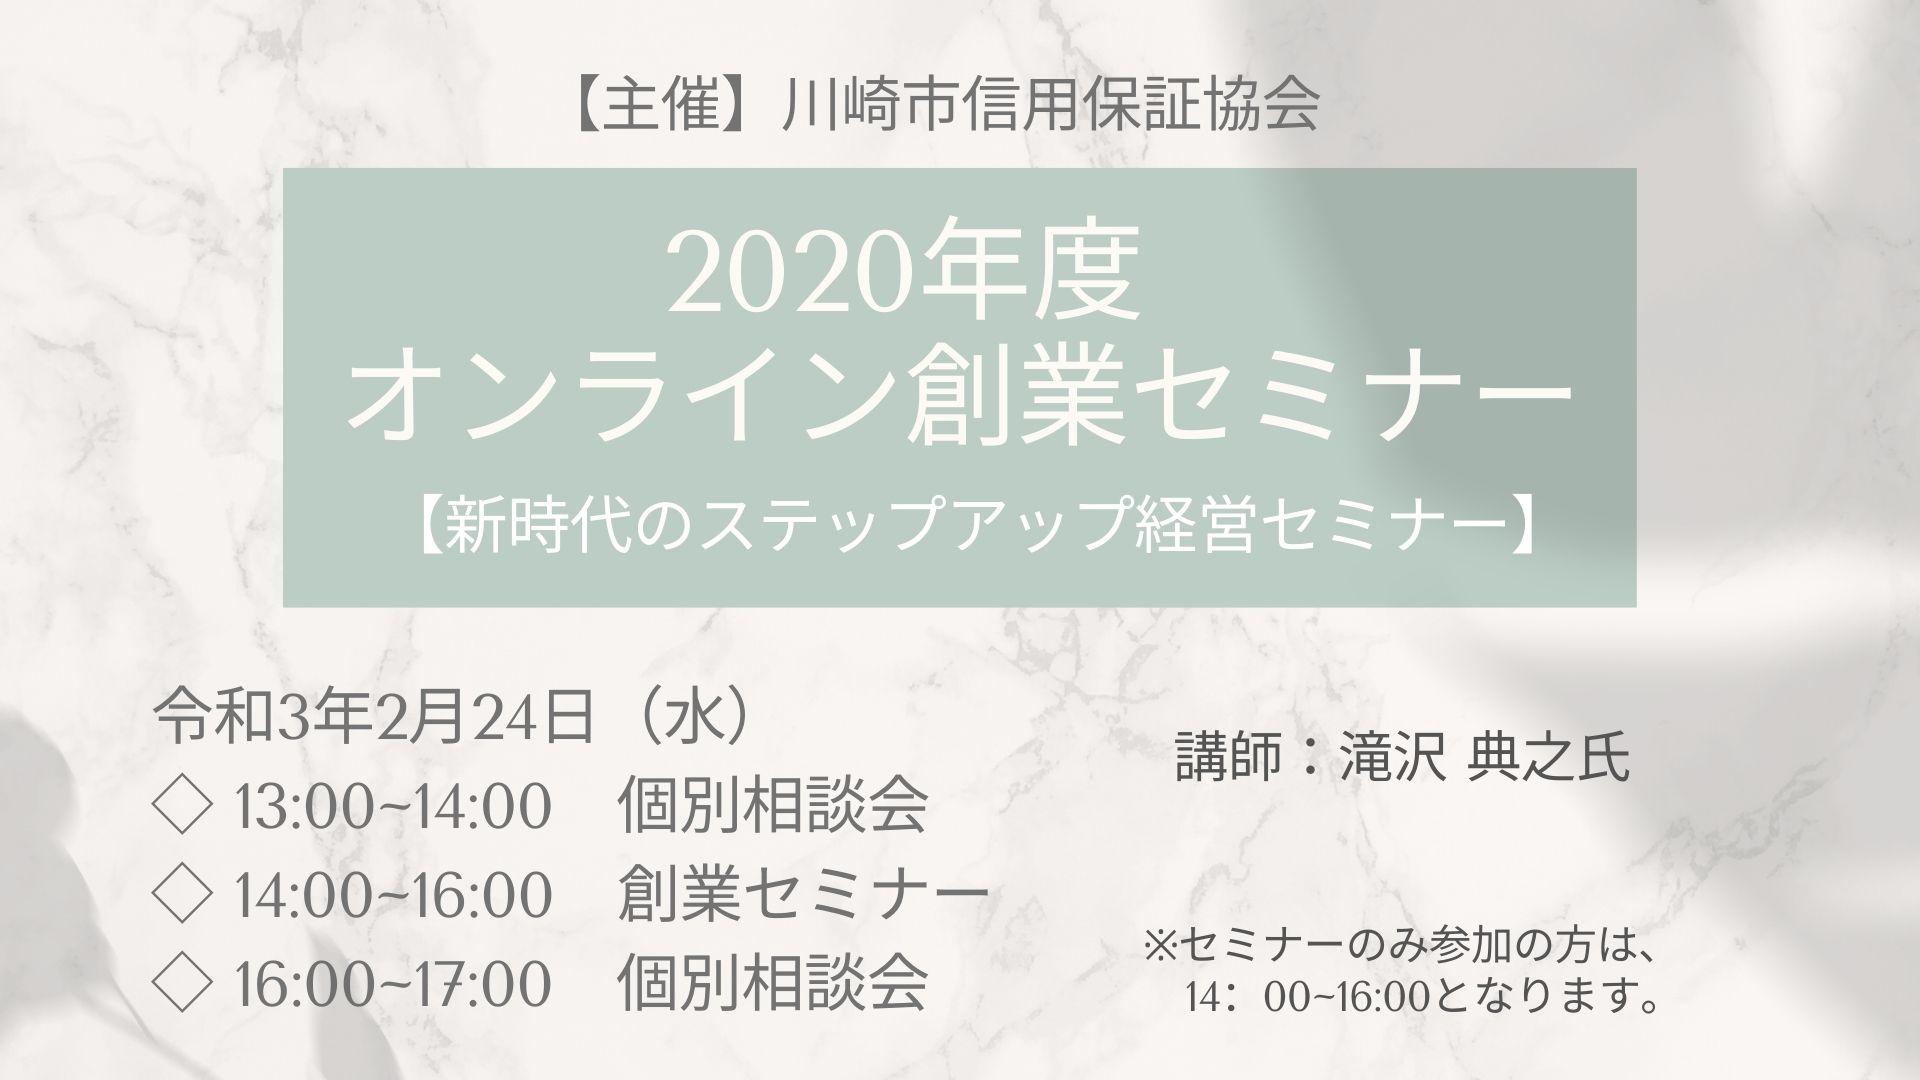 【オンライン】2020年度 オンライン創業セミナー